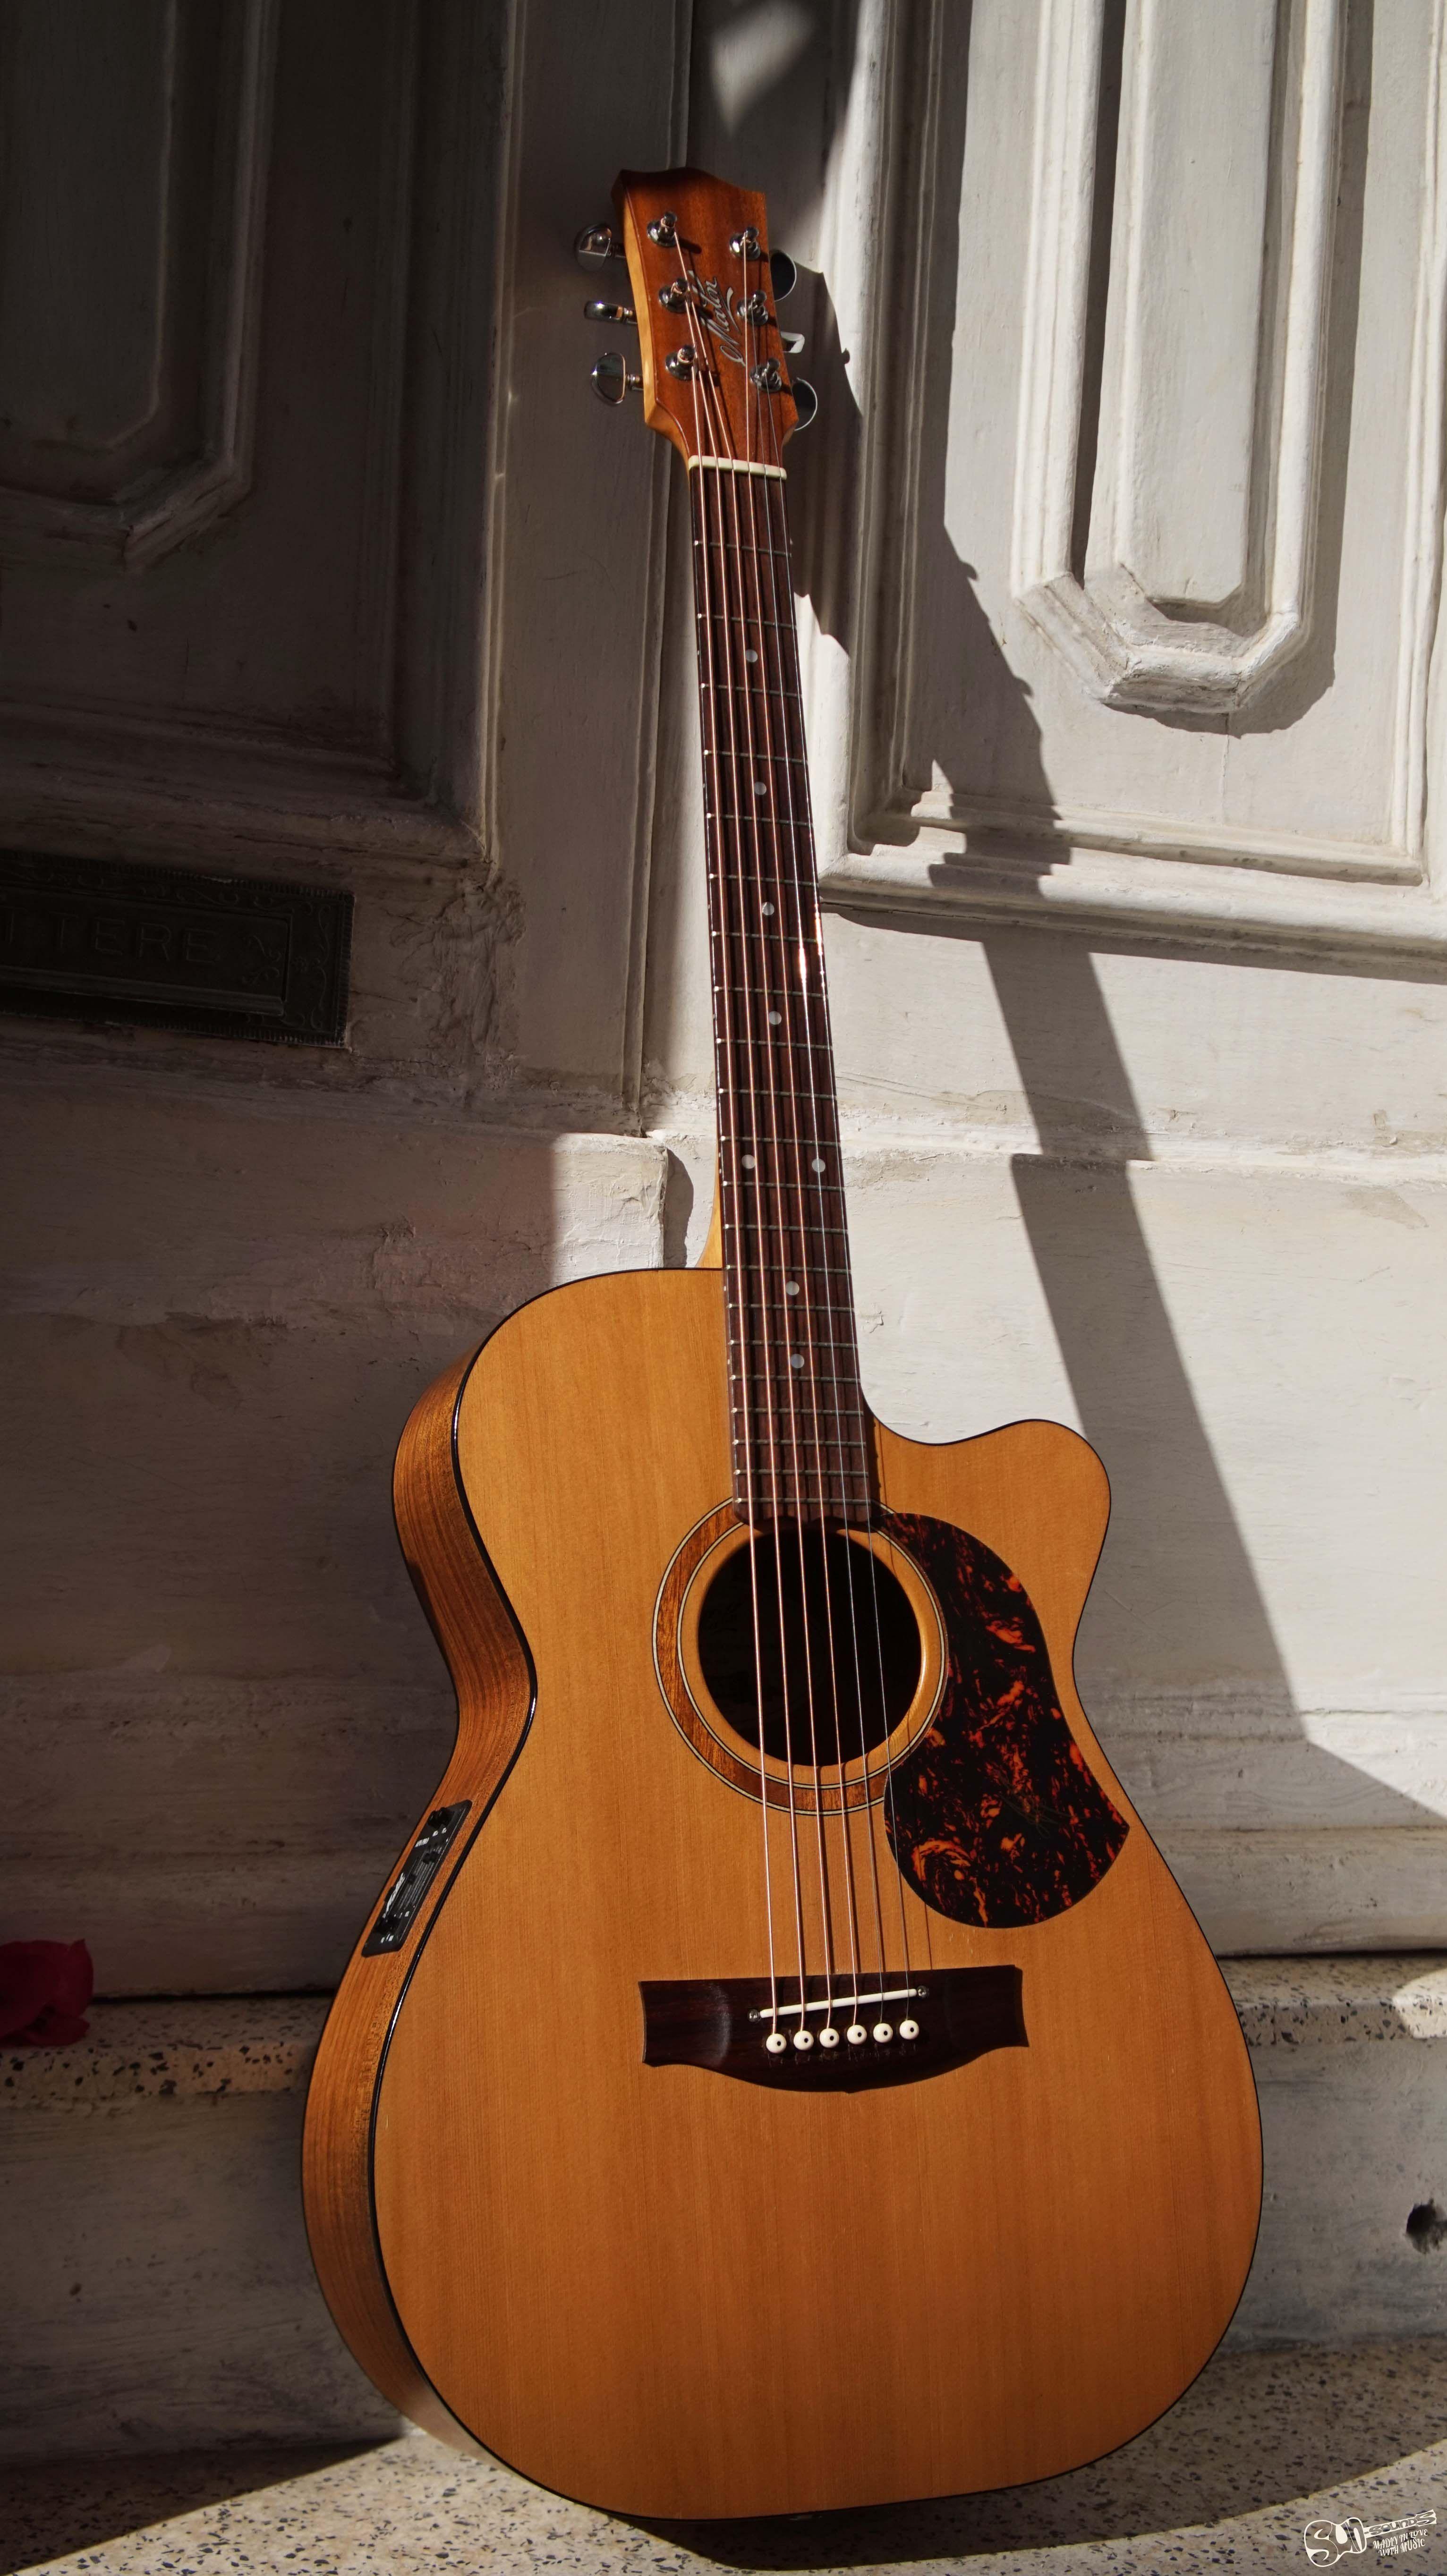 Maton Srs808c Solid Road Series Australia Acoustic Guitar Music Guitar Guitar